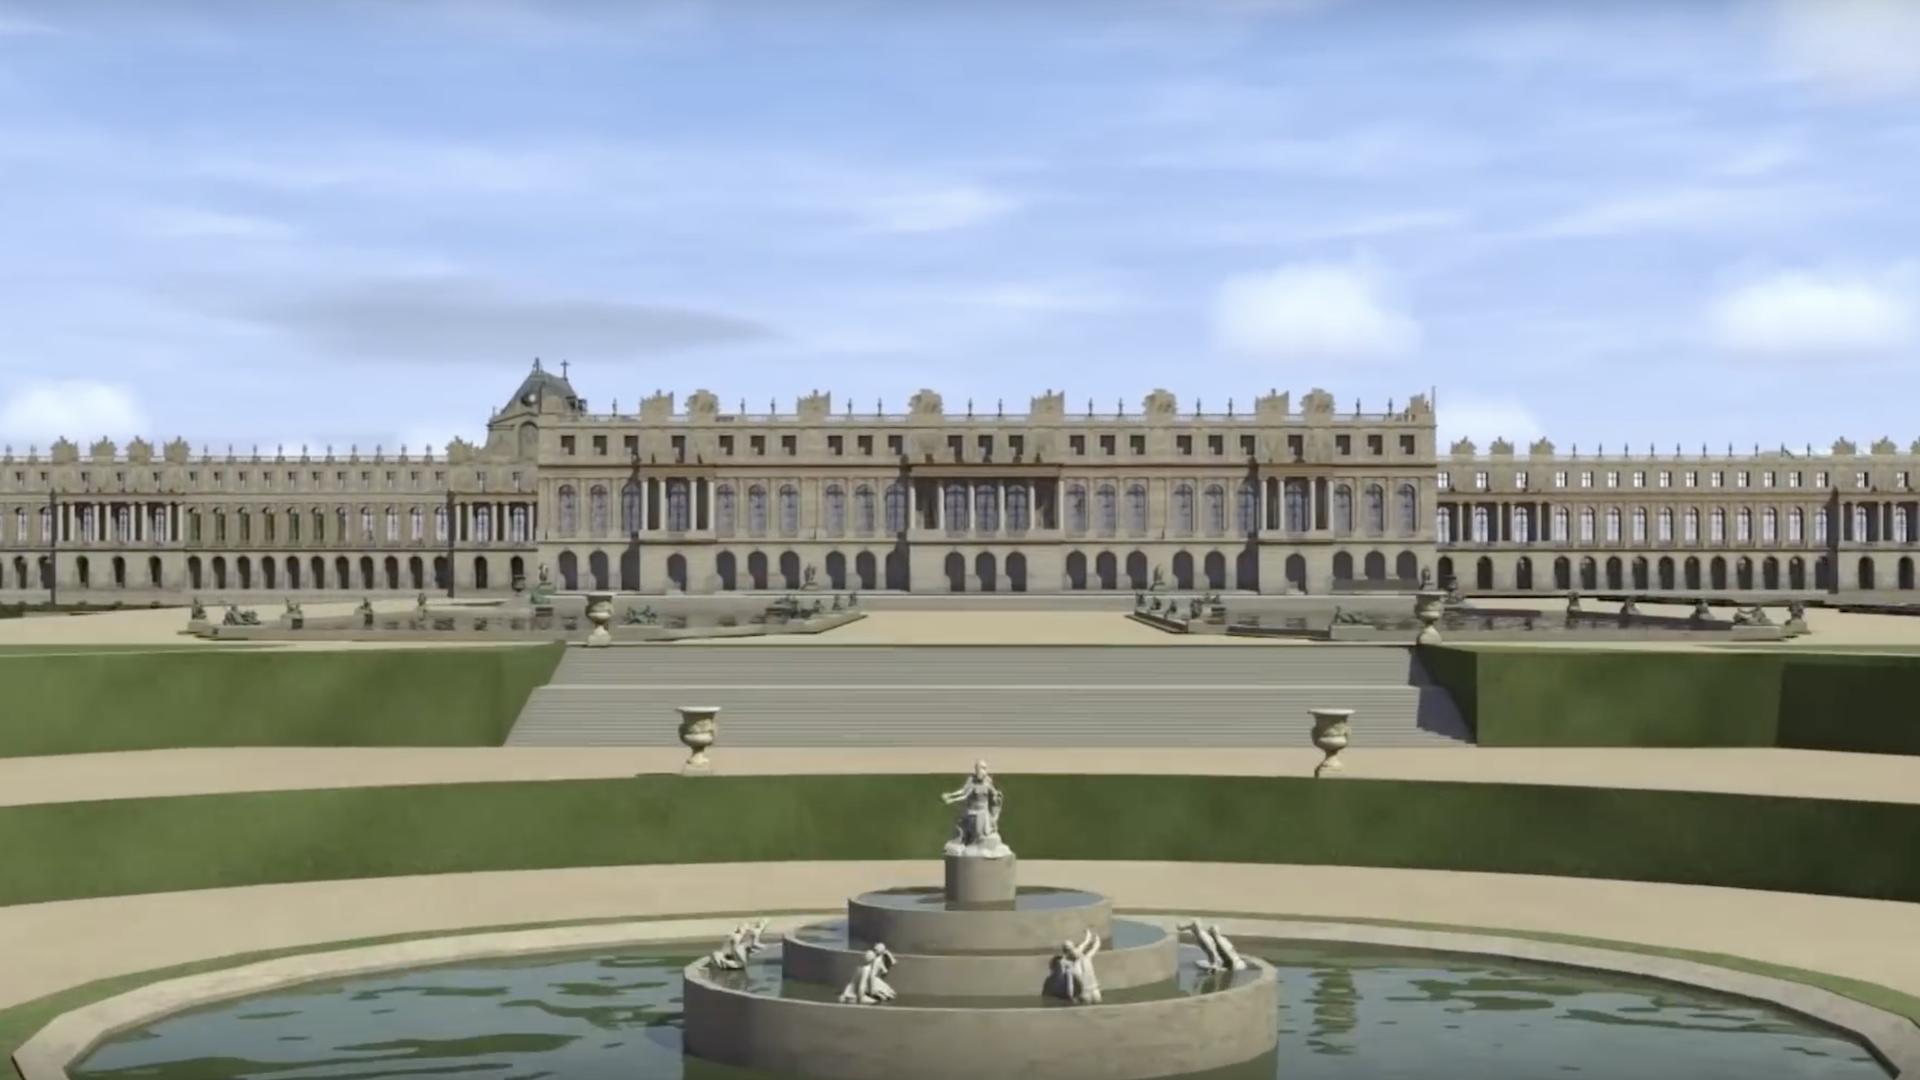 Google muestra el Palacio de Versalles en realidad virtual: video